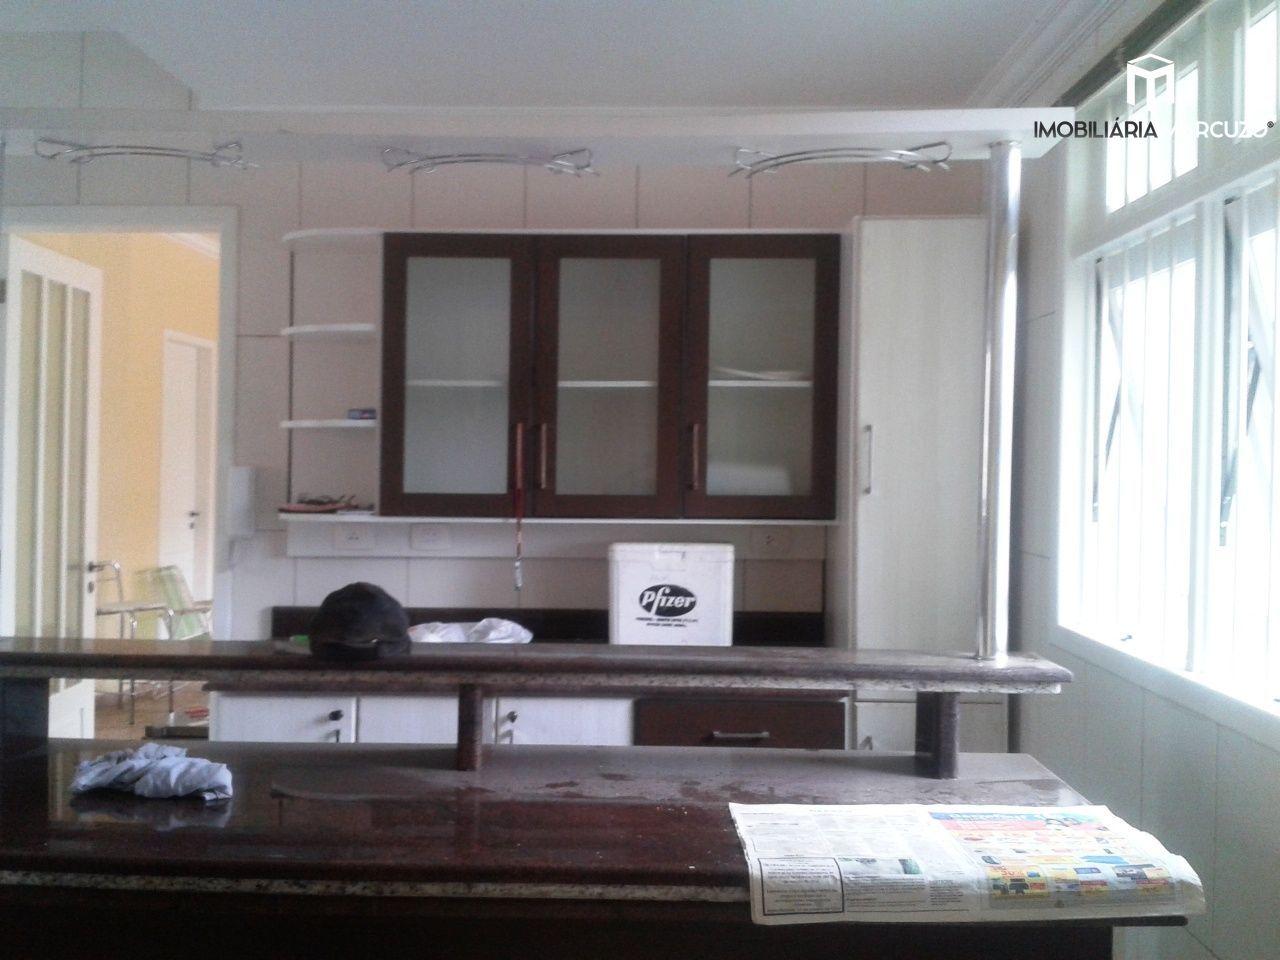 Casa com 3 Dormitórios à venda, 285 m² por R$ 780.000,00